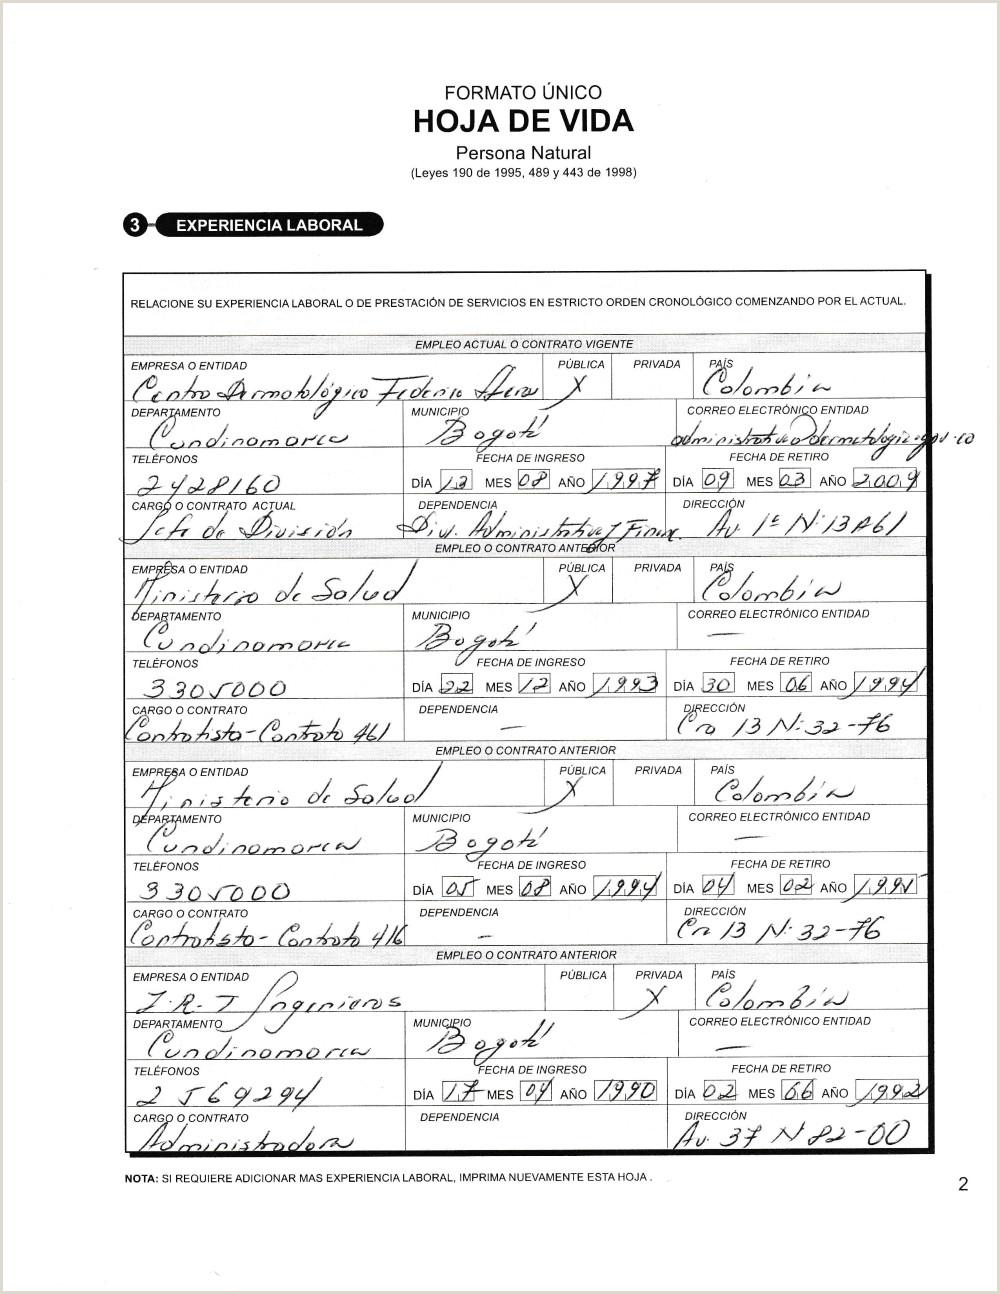 Formato De Hoja De Vida De La Funcion Publica Documentos Funci³n Pºblica